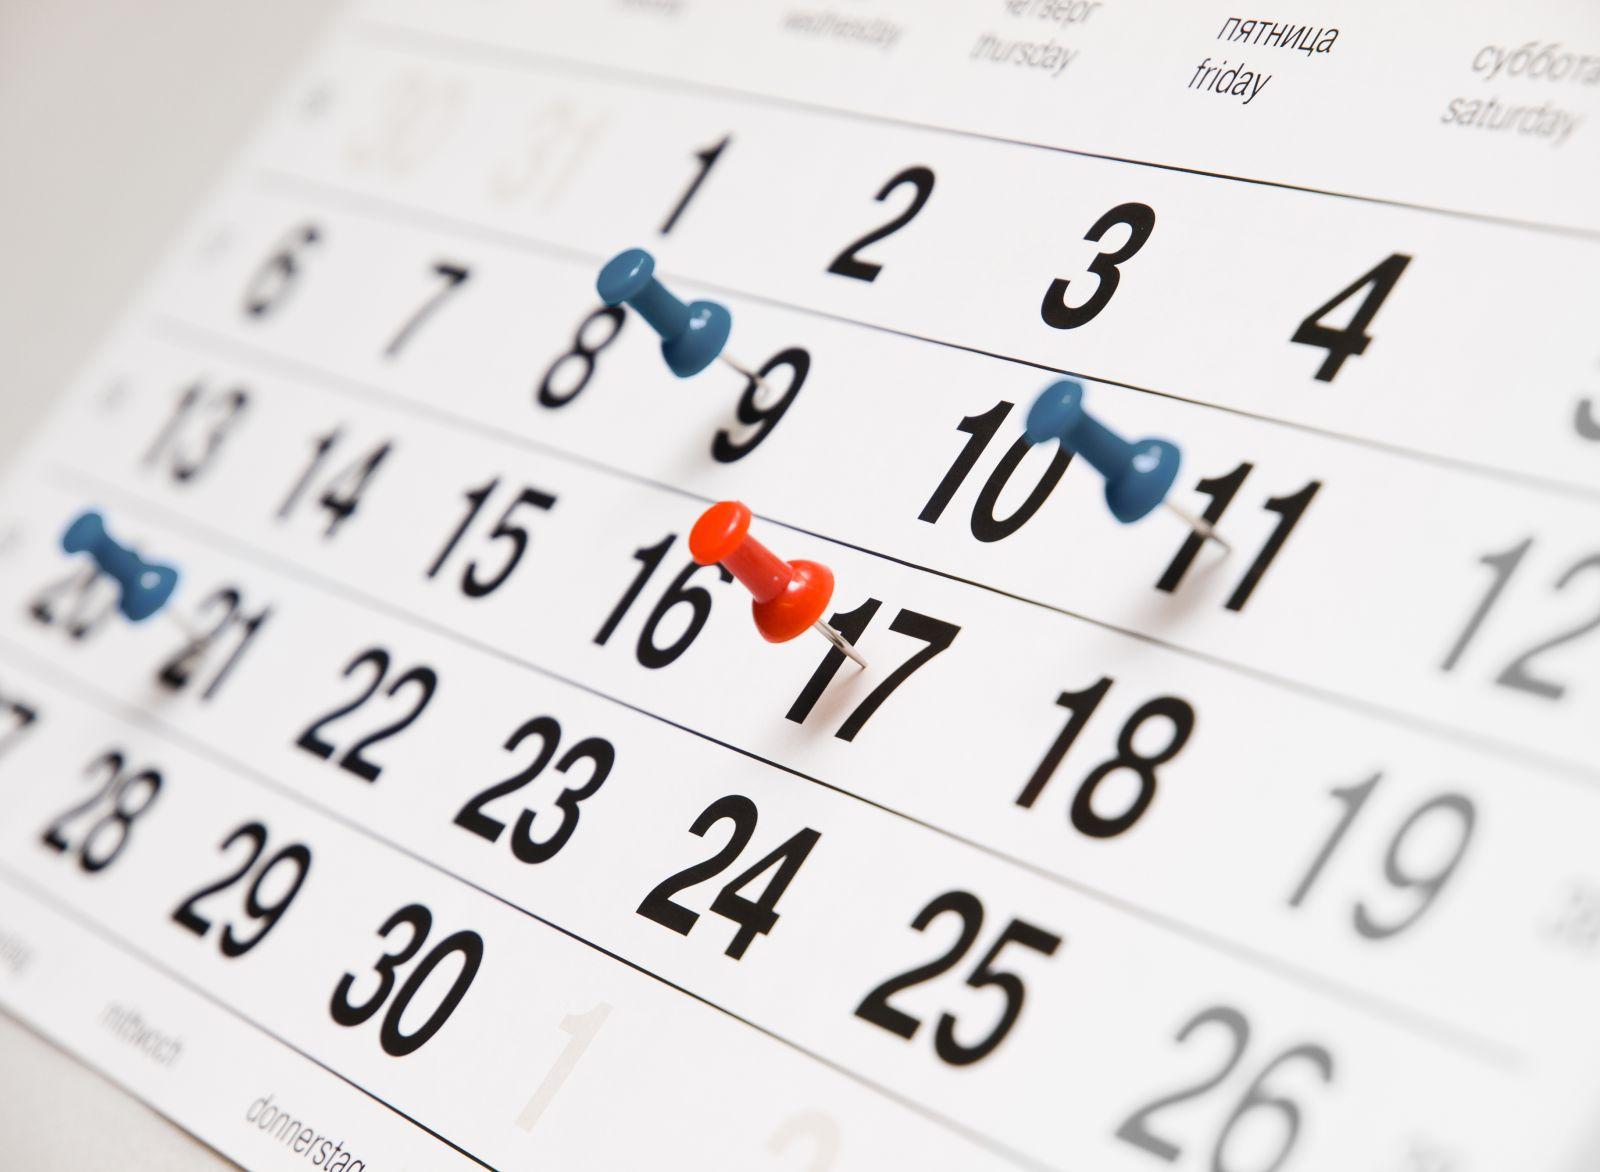 З'явився календар чемпіонату України 2019/2020!